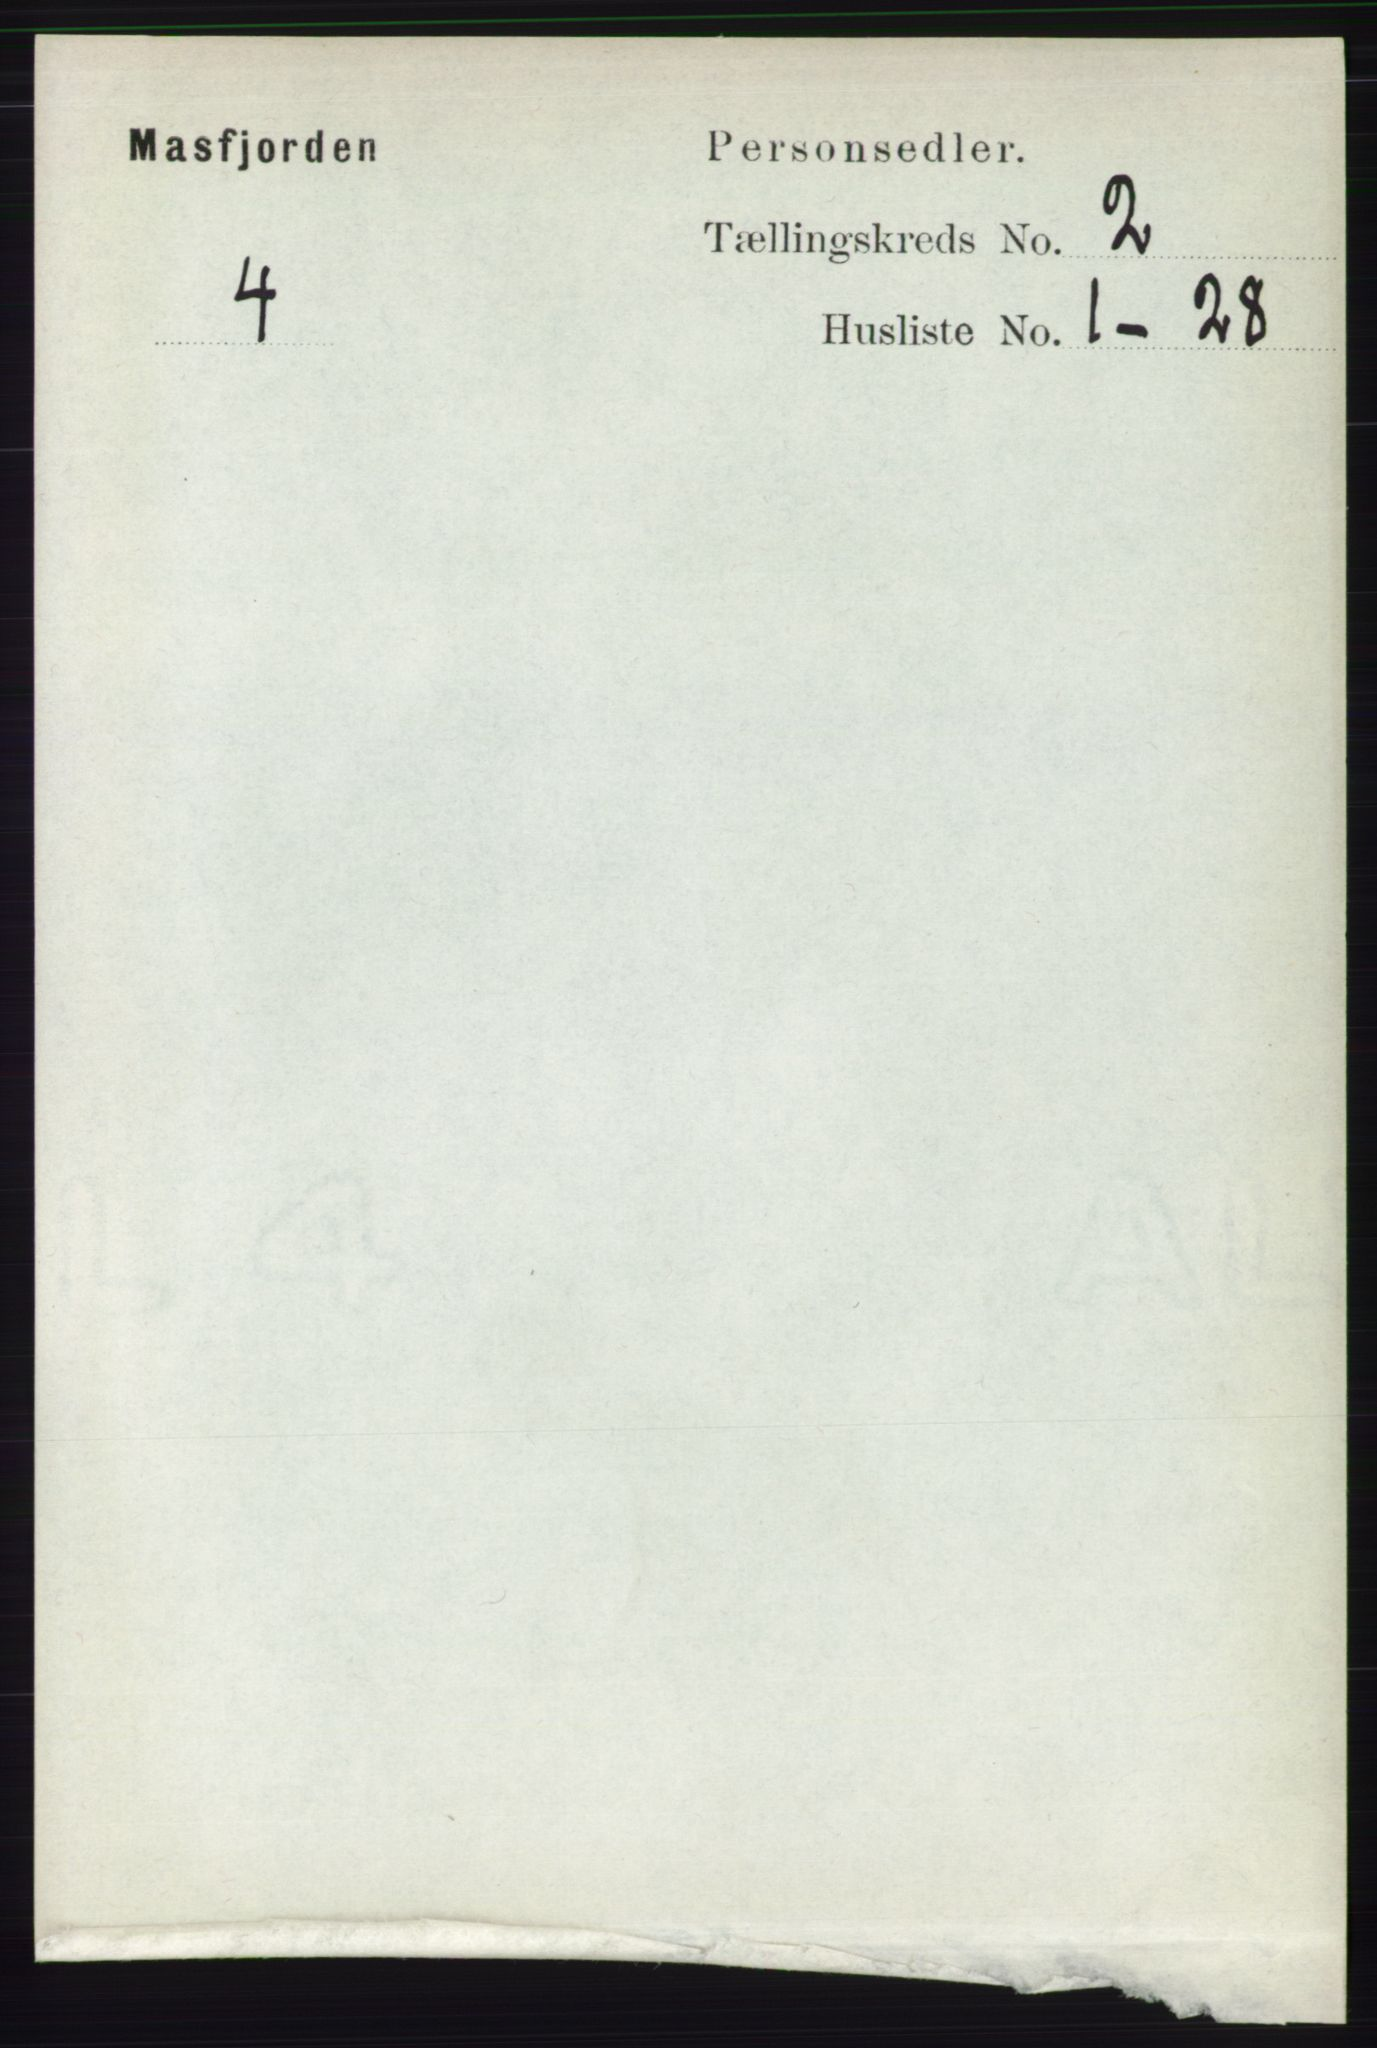 RA, Folketelling 1891 for 1266 Masfjorden herred, 1891, s. 190